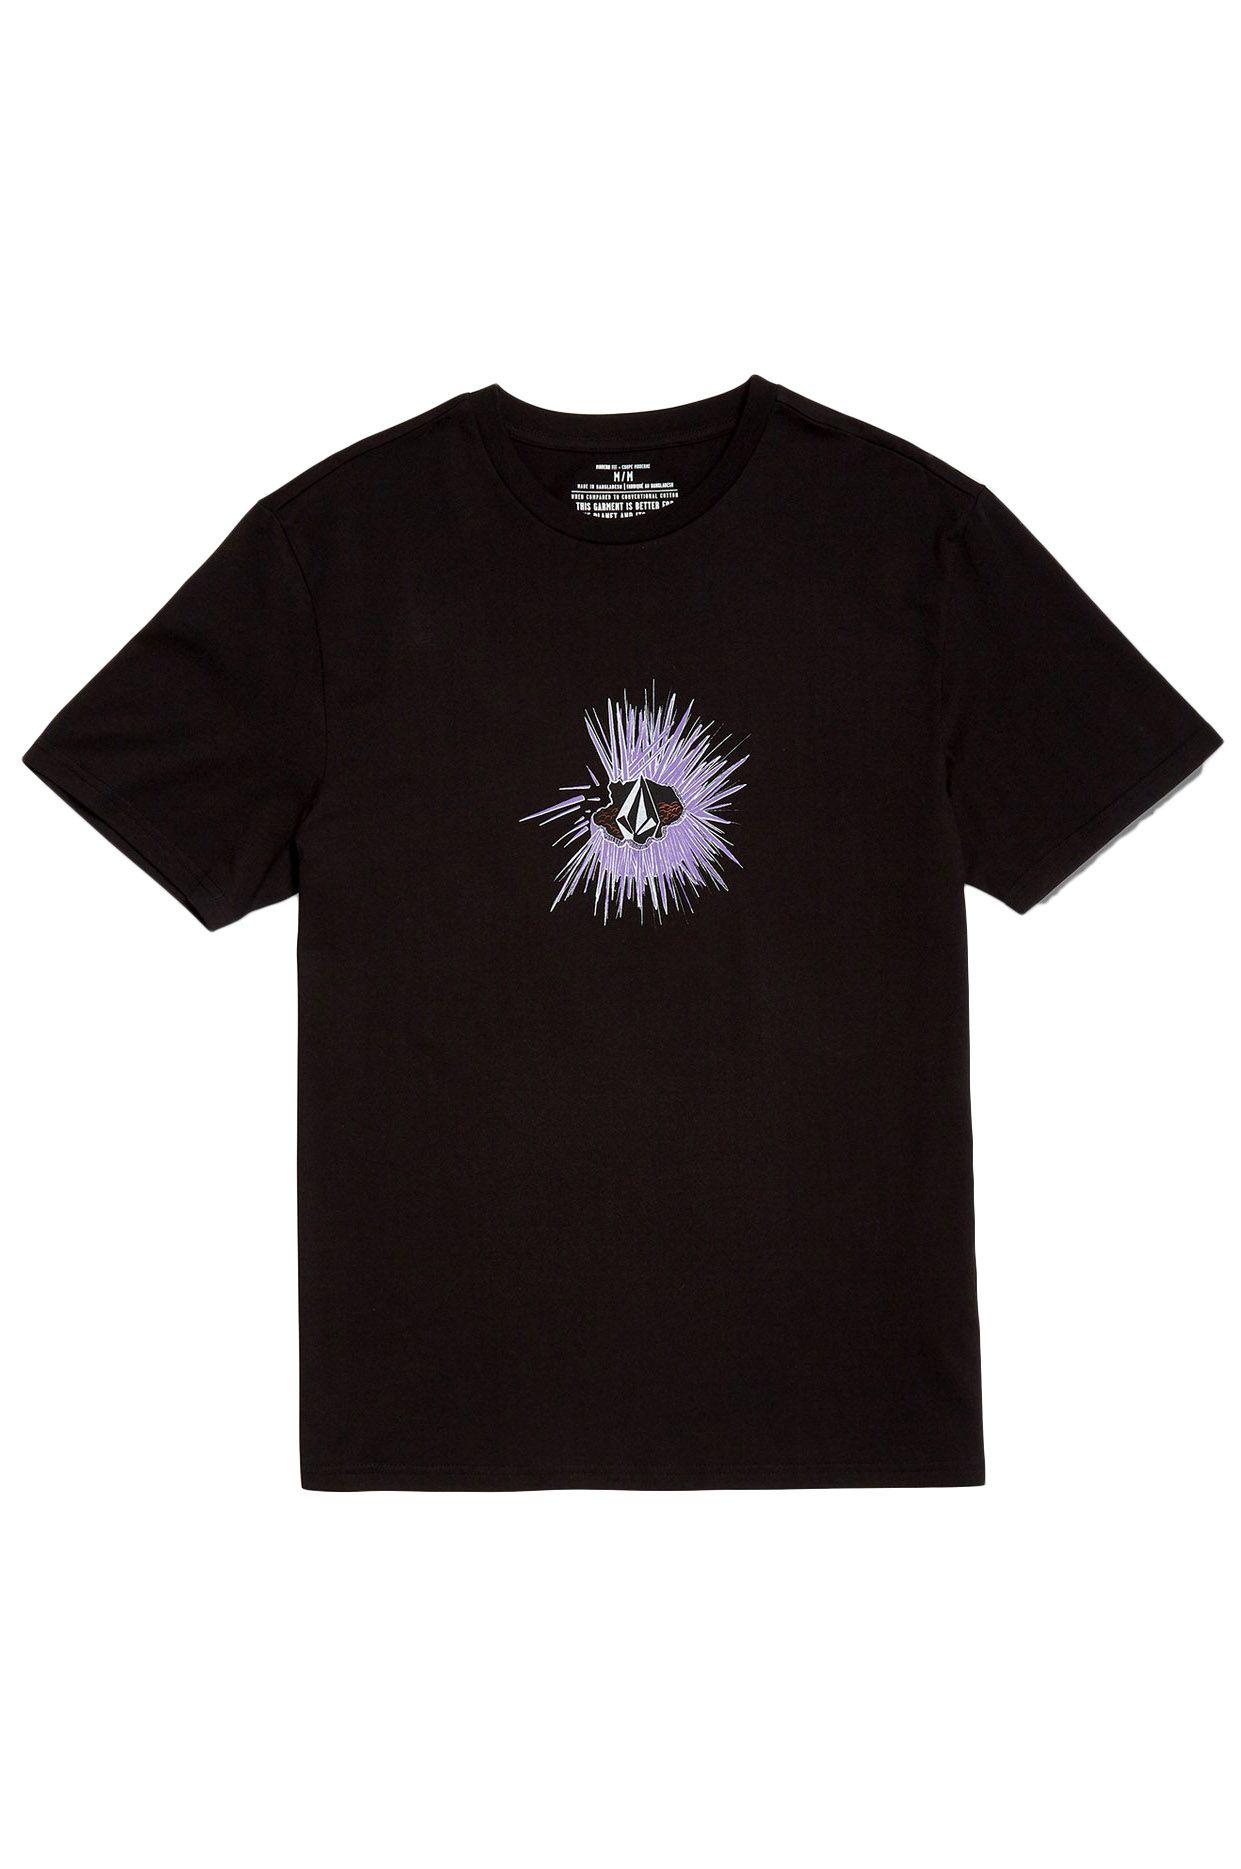 Volcom T-Shirt GONY BSC SS Black